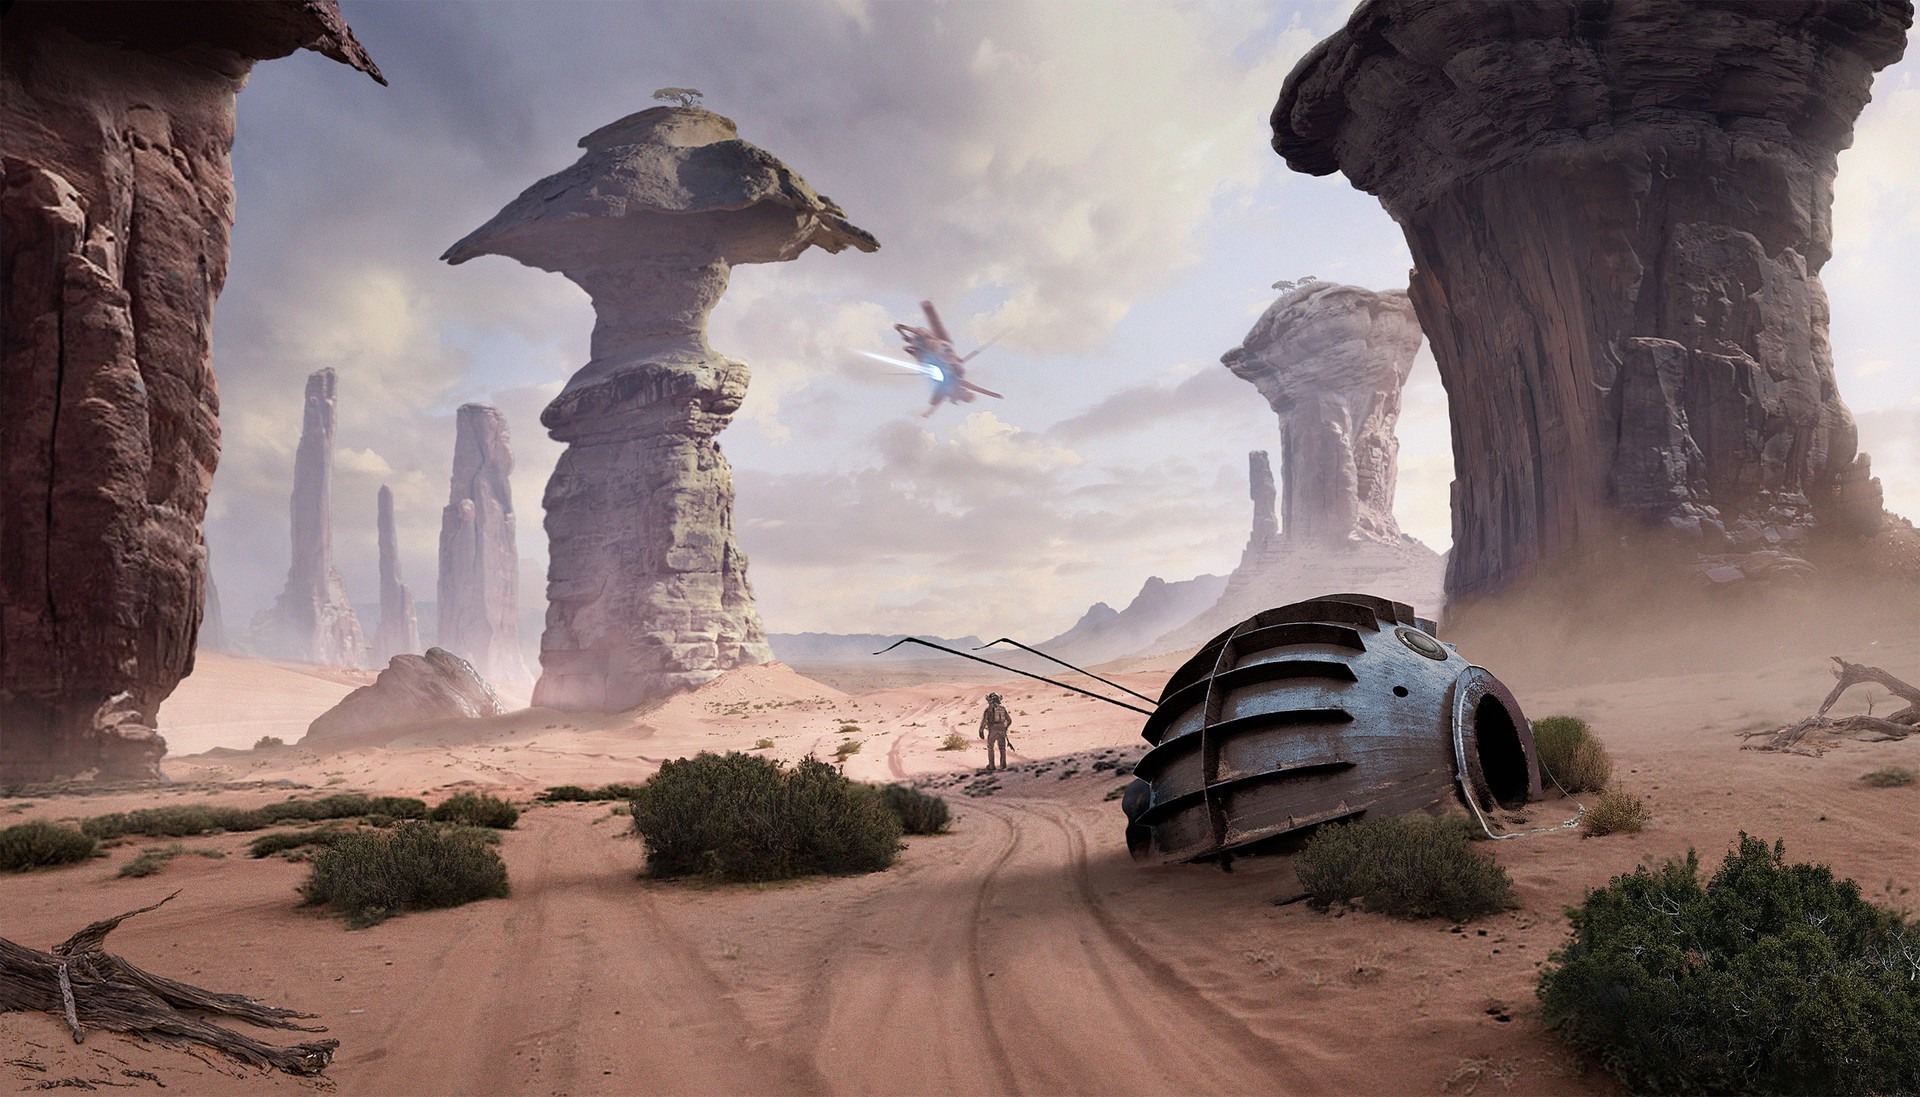 Star Wars Landscape Wallpaper 70 Images